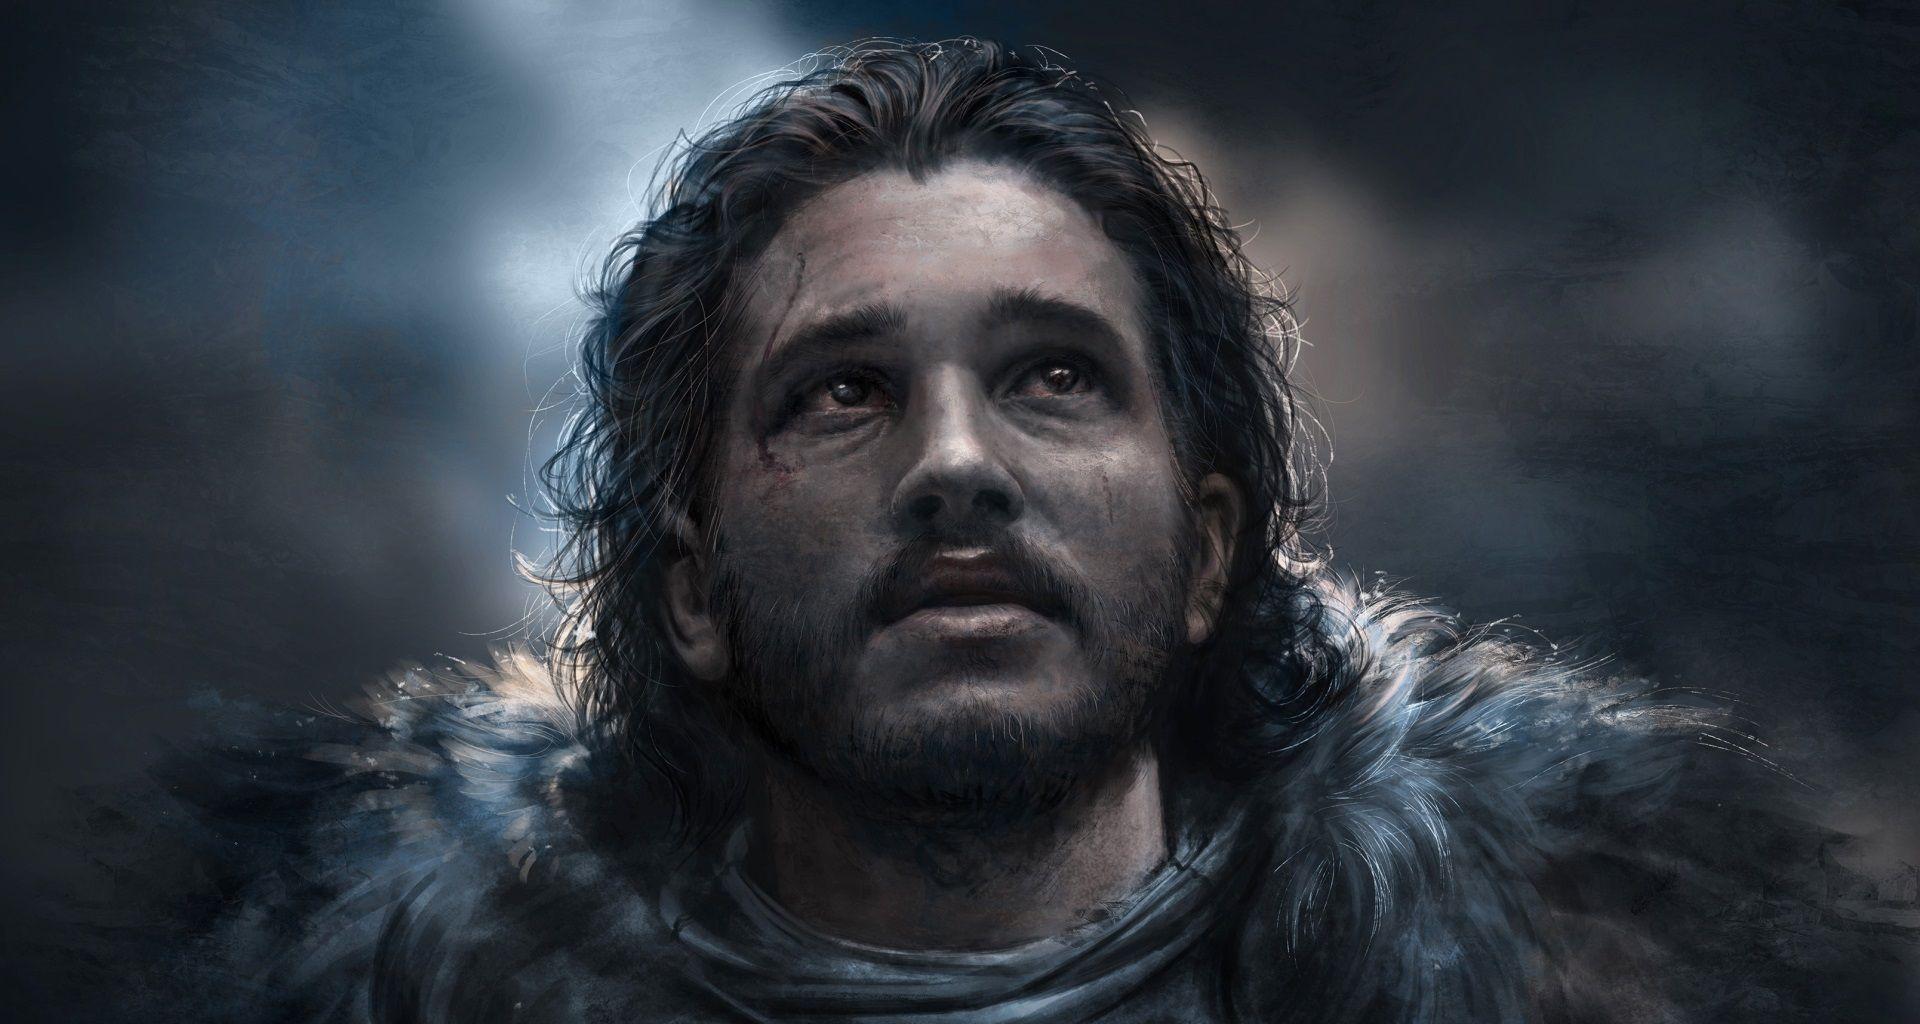 1920x1024 Jon Snow Hd Best Wallpaper For Desktop In 2019